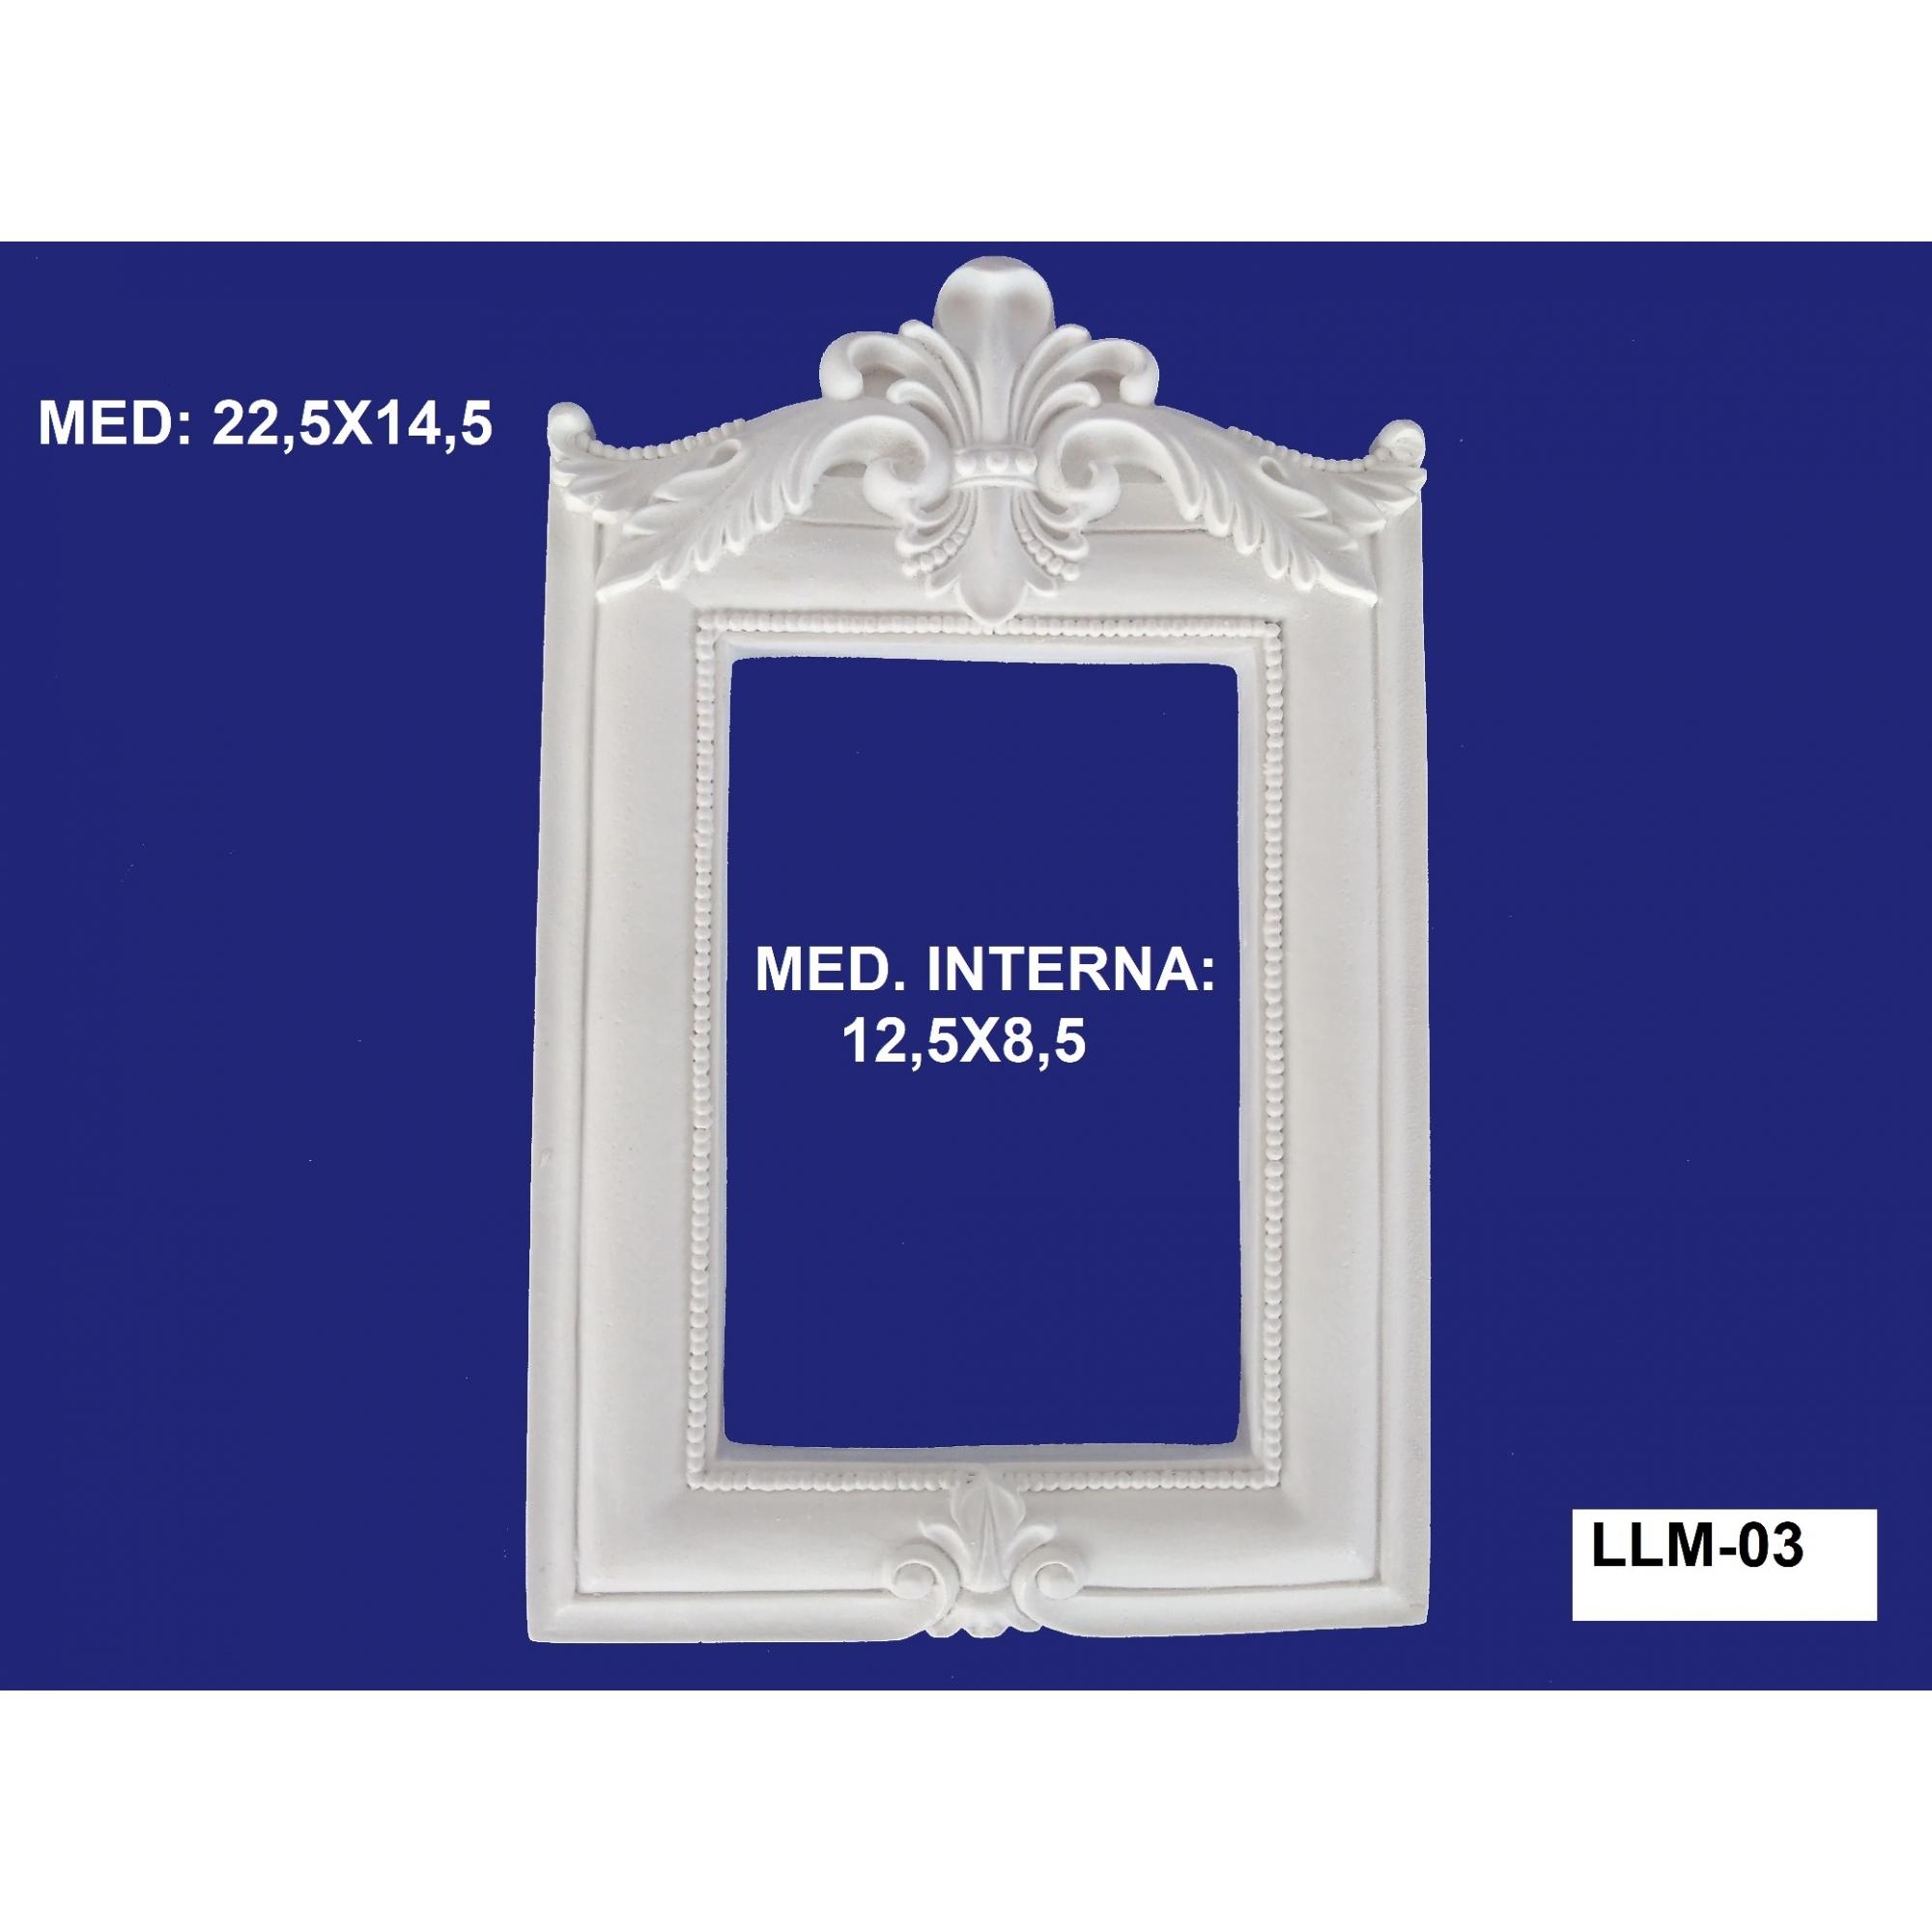 LLM-03 MOLDURA 22,5X14,5CM